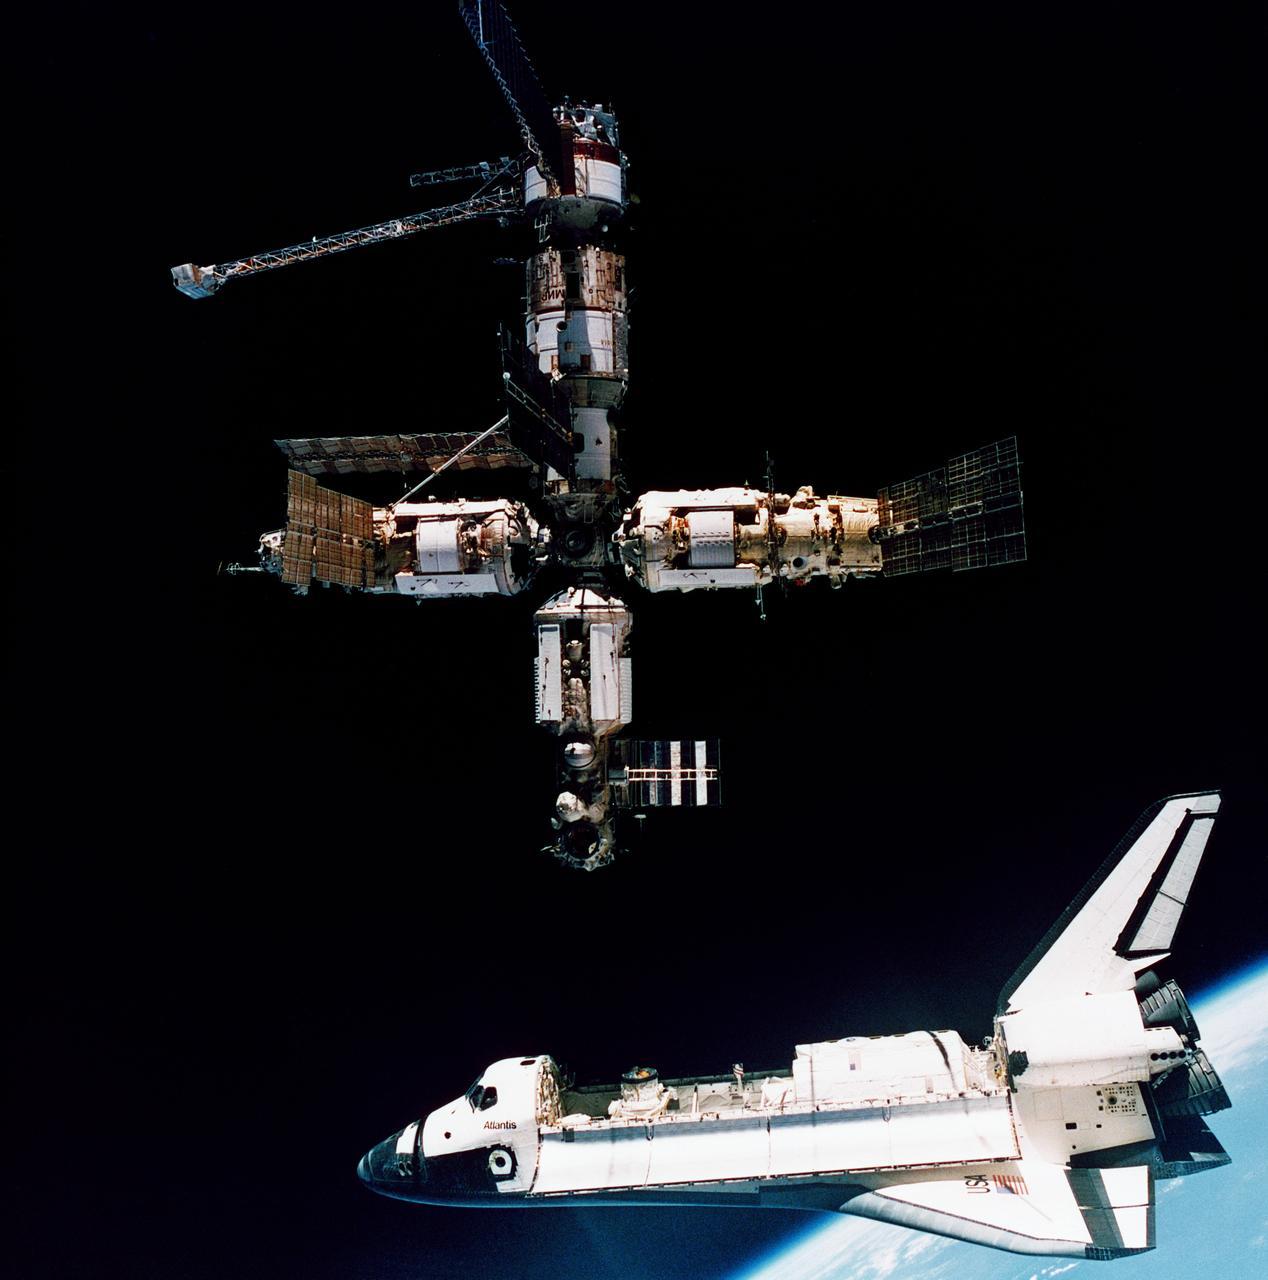 Шаттл «Атлантис» готовится к стыковке со станцией «Мир». 1995 год. Фото NASA